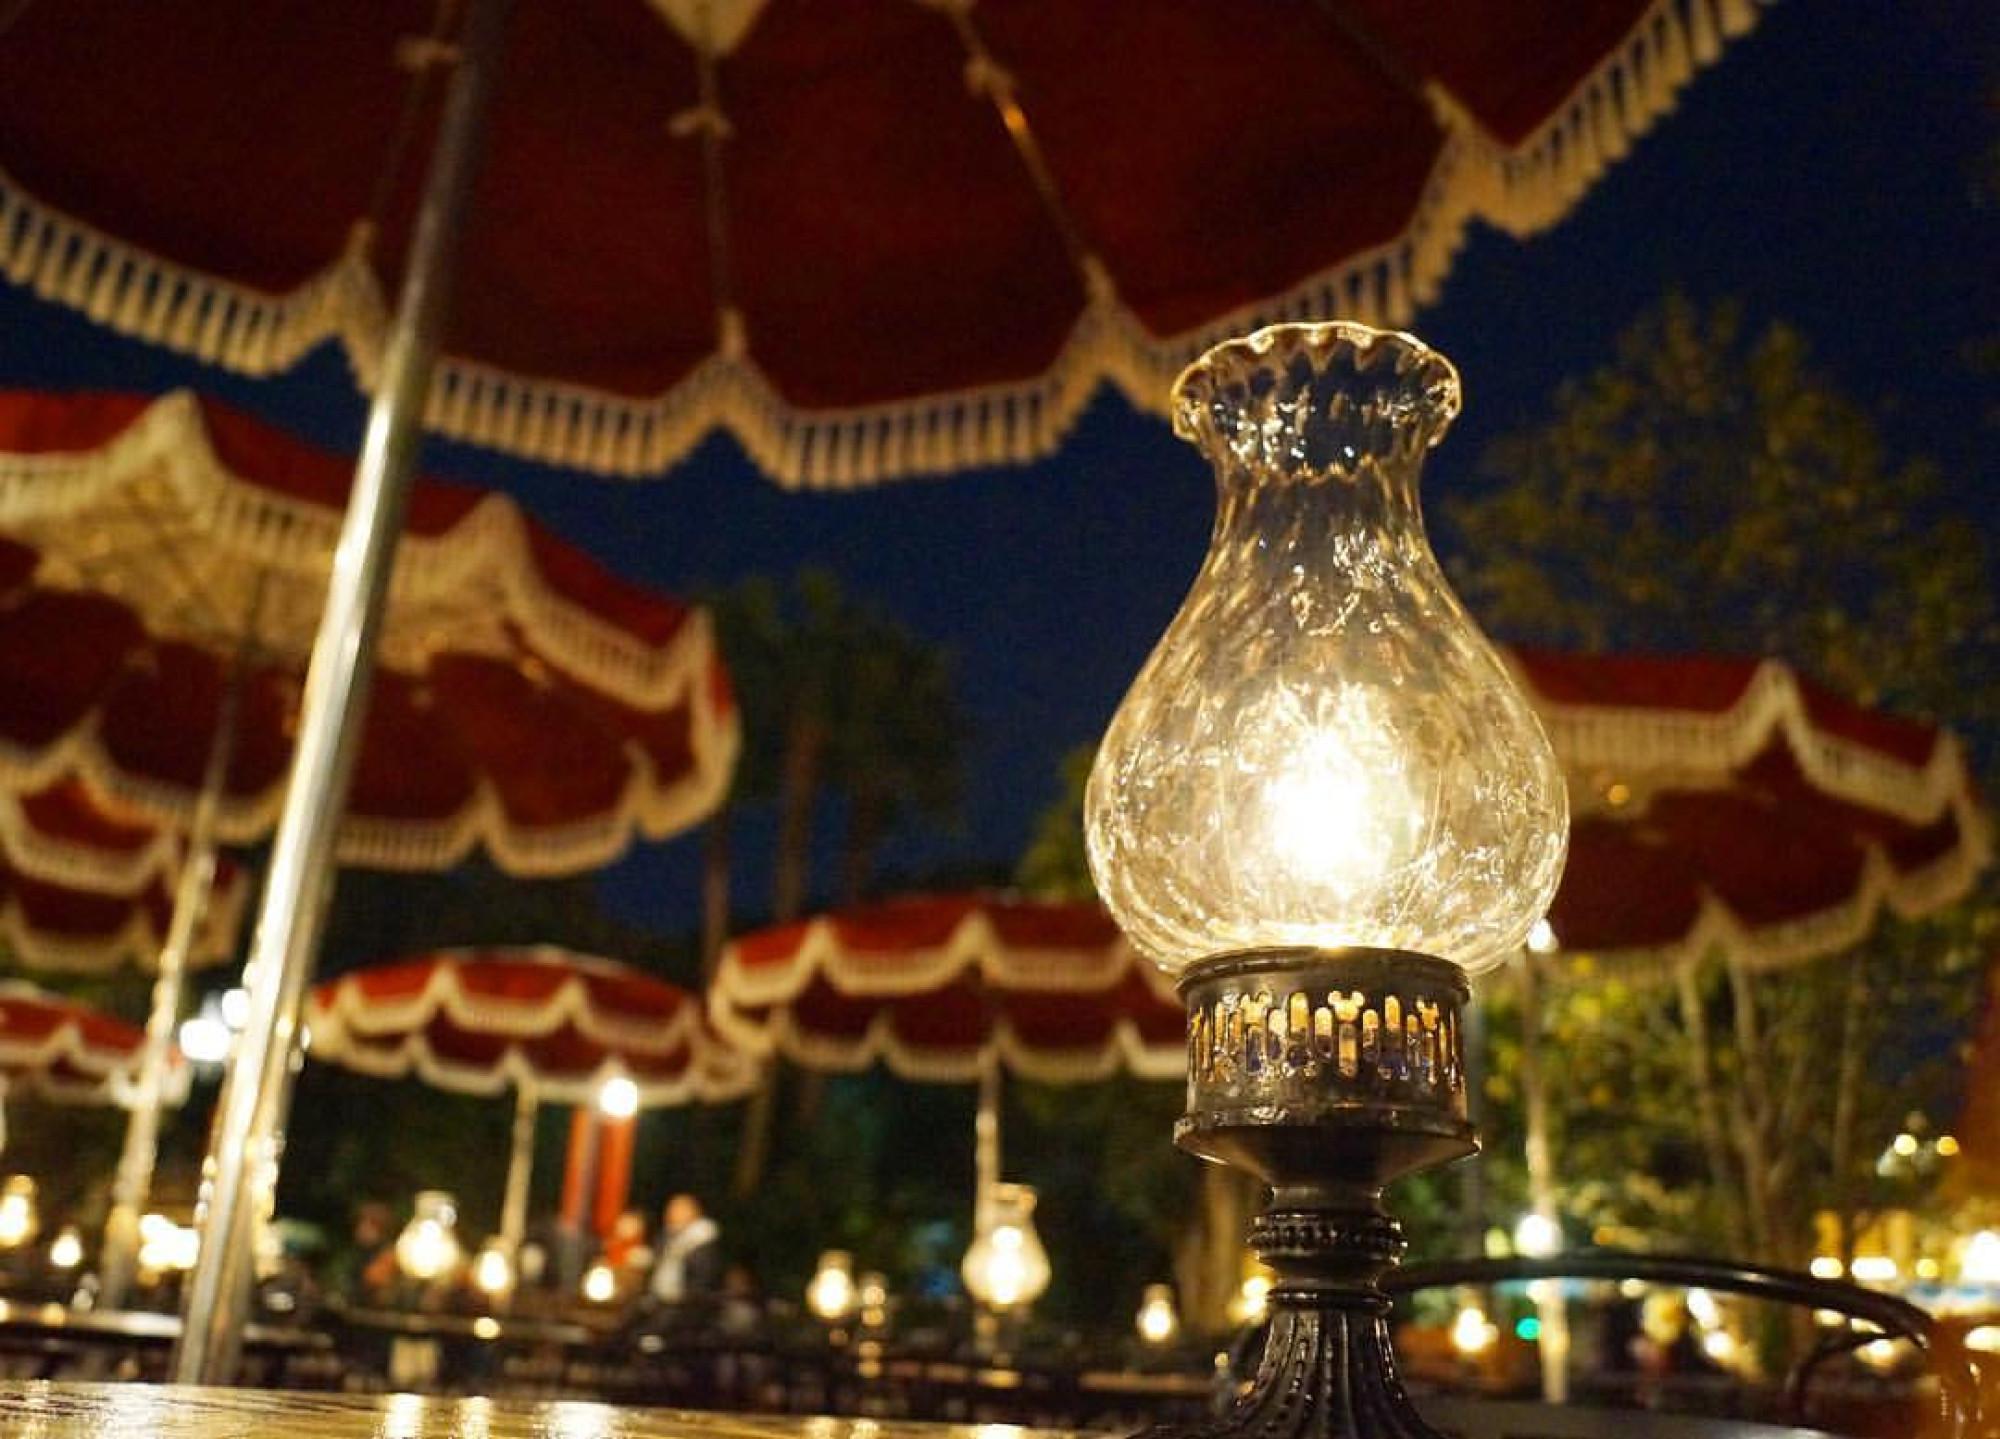 夜のカフェ・オーリンズもまた違った雰囲気でロマンチック♡